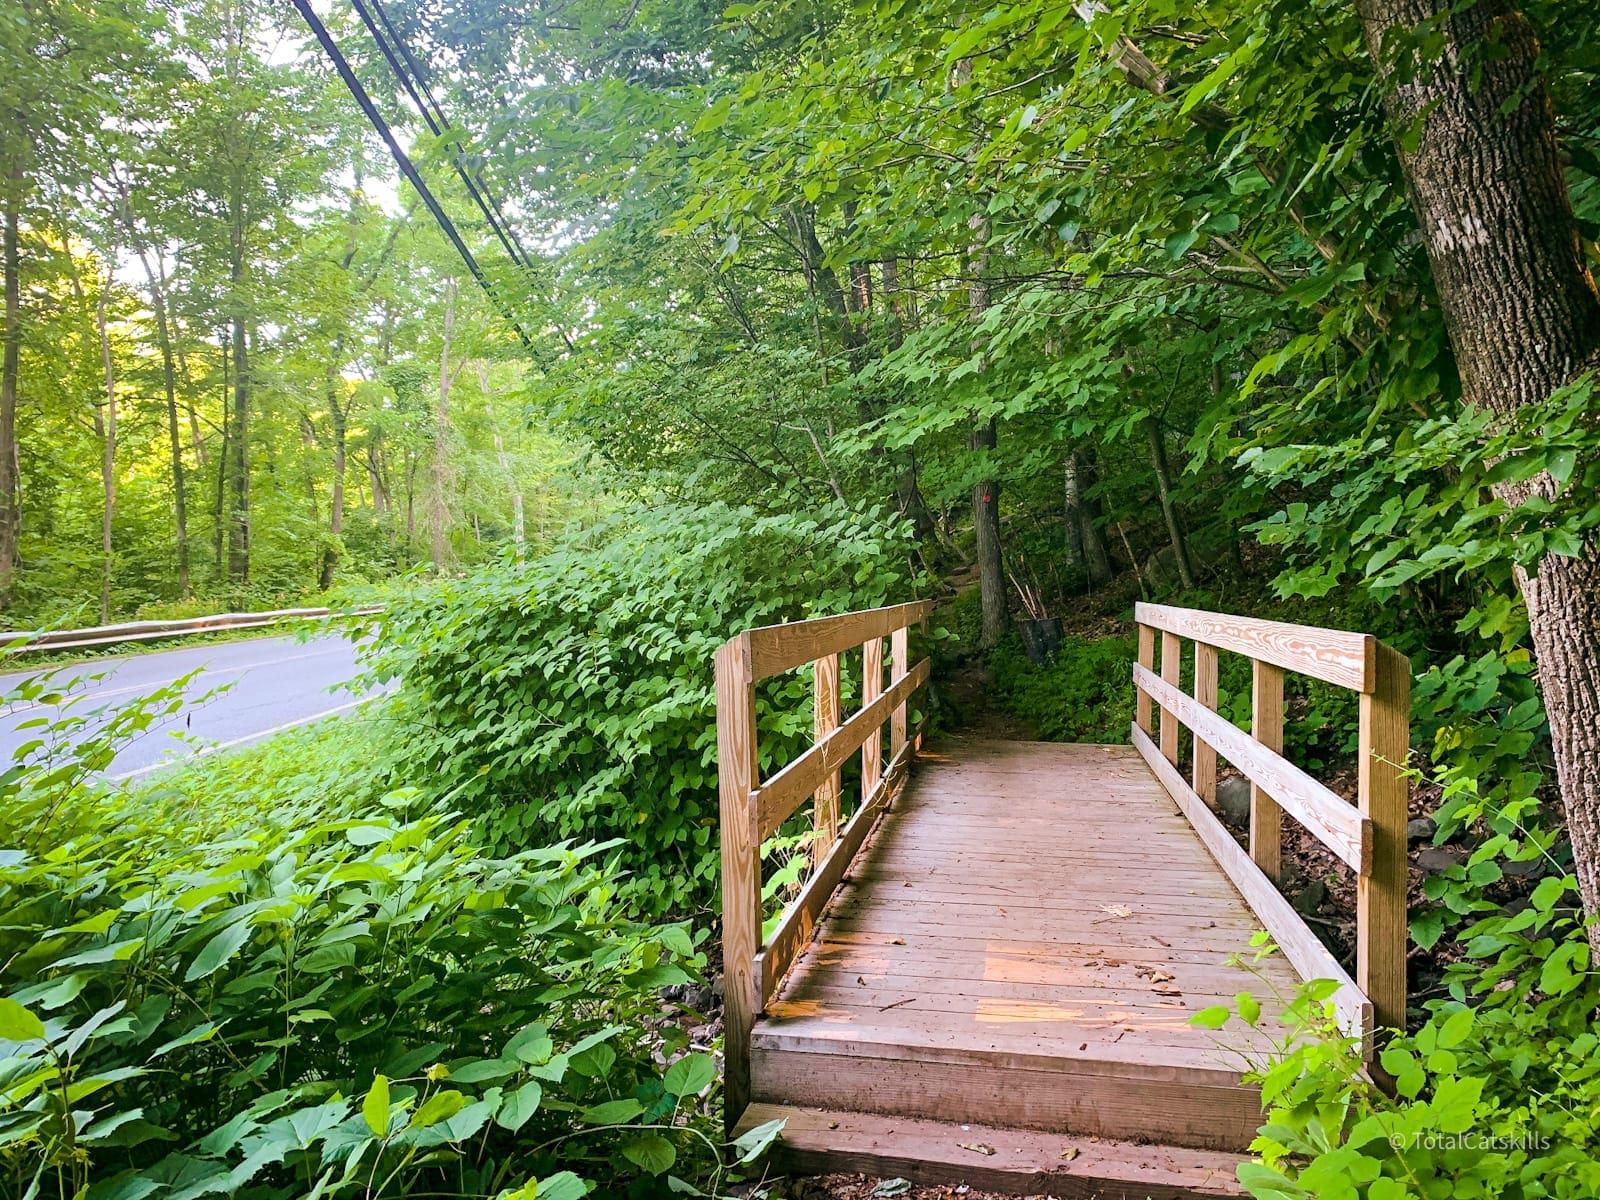 footbridge by roadside